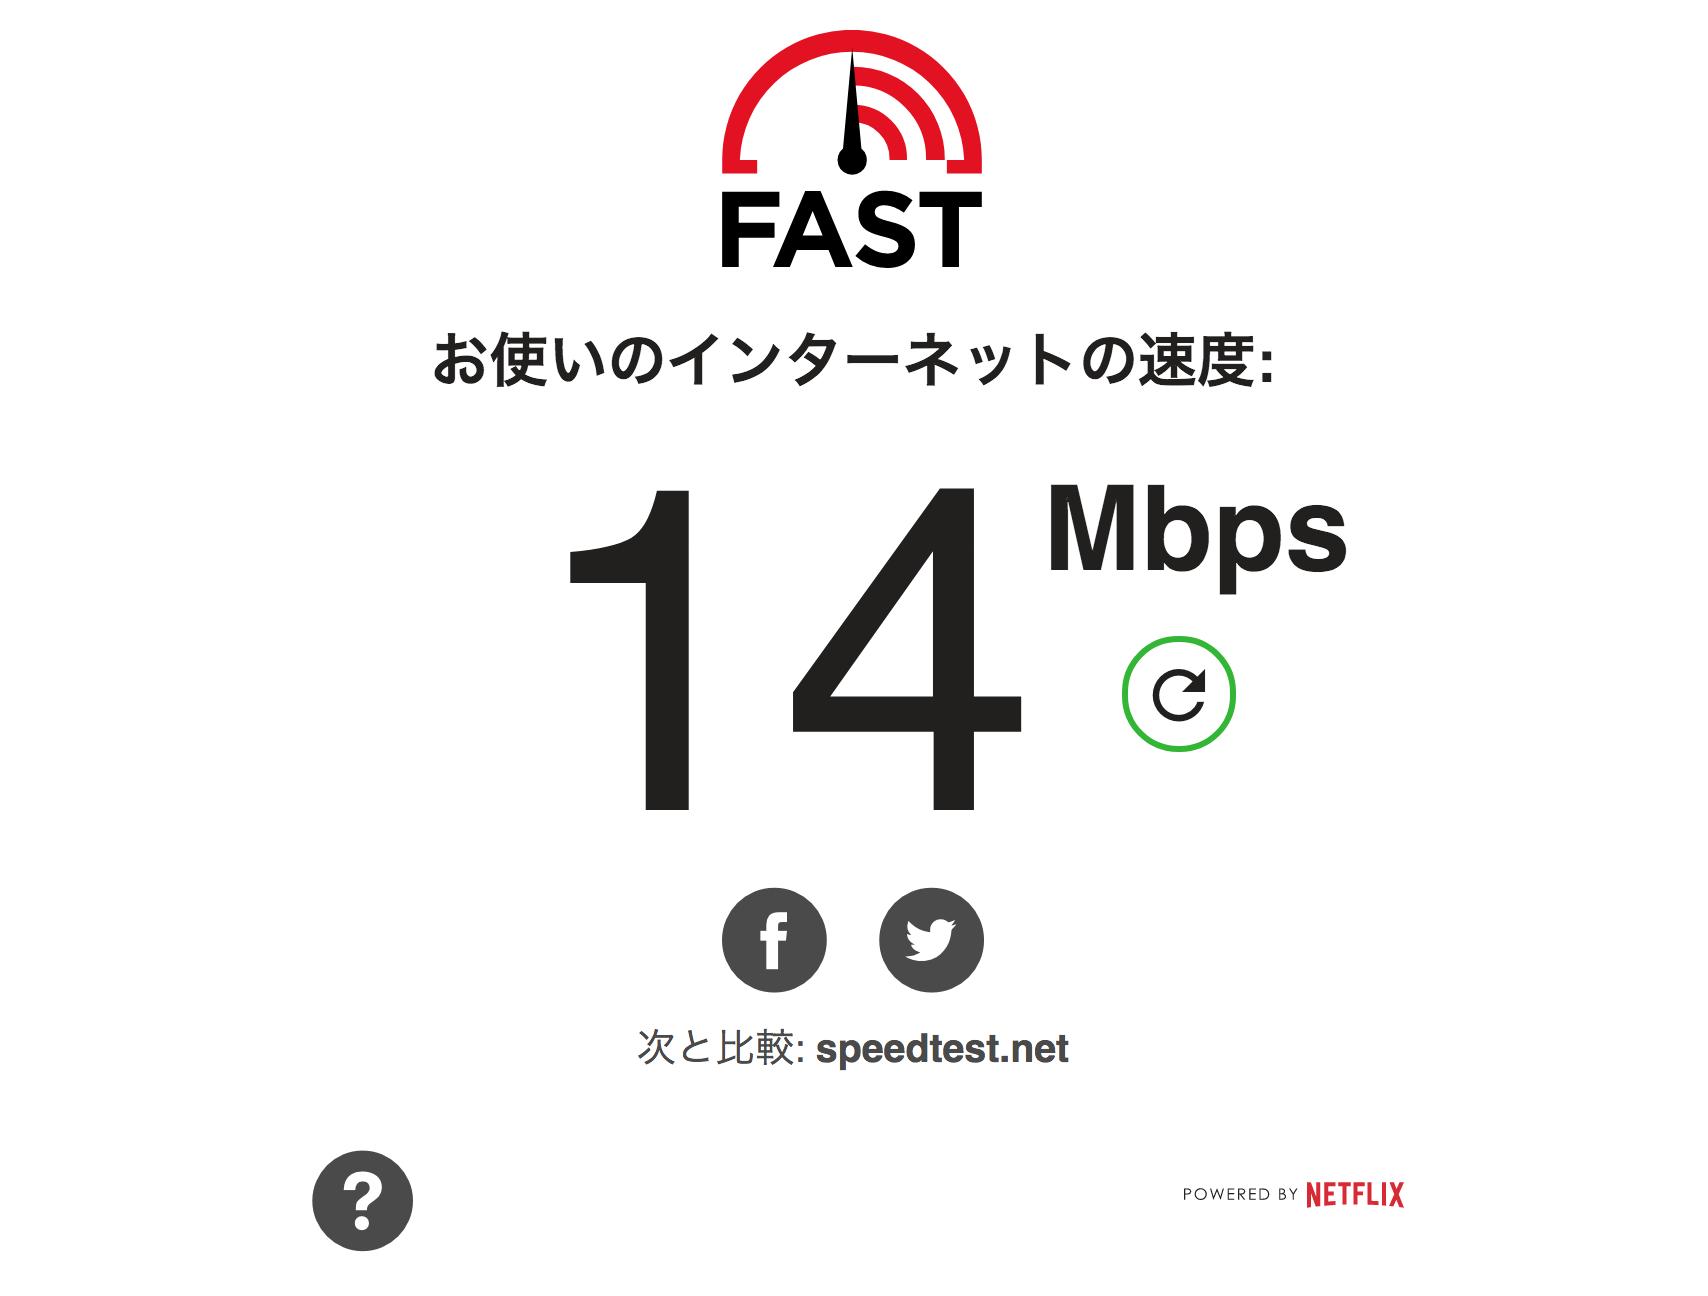 インタネット 速度